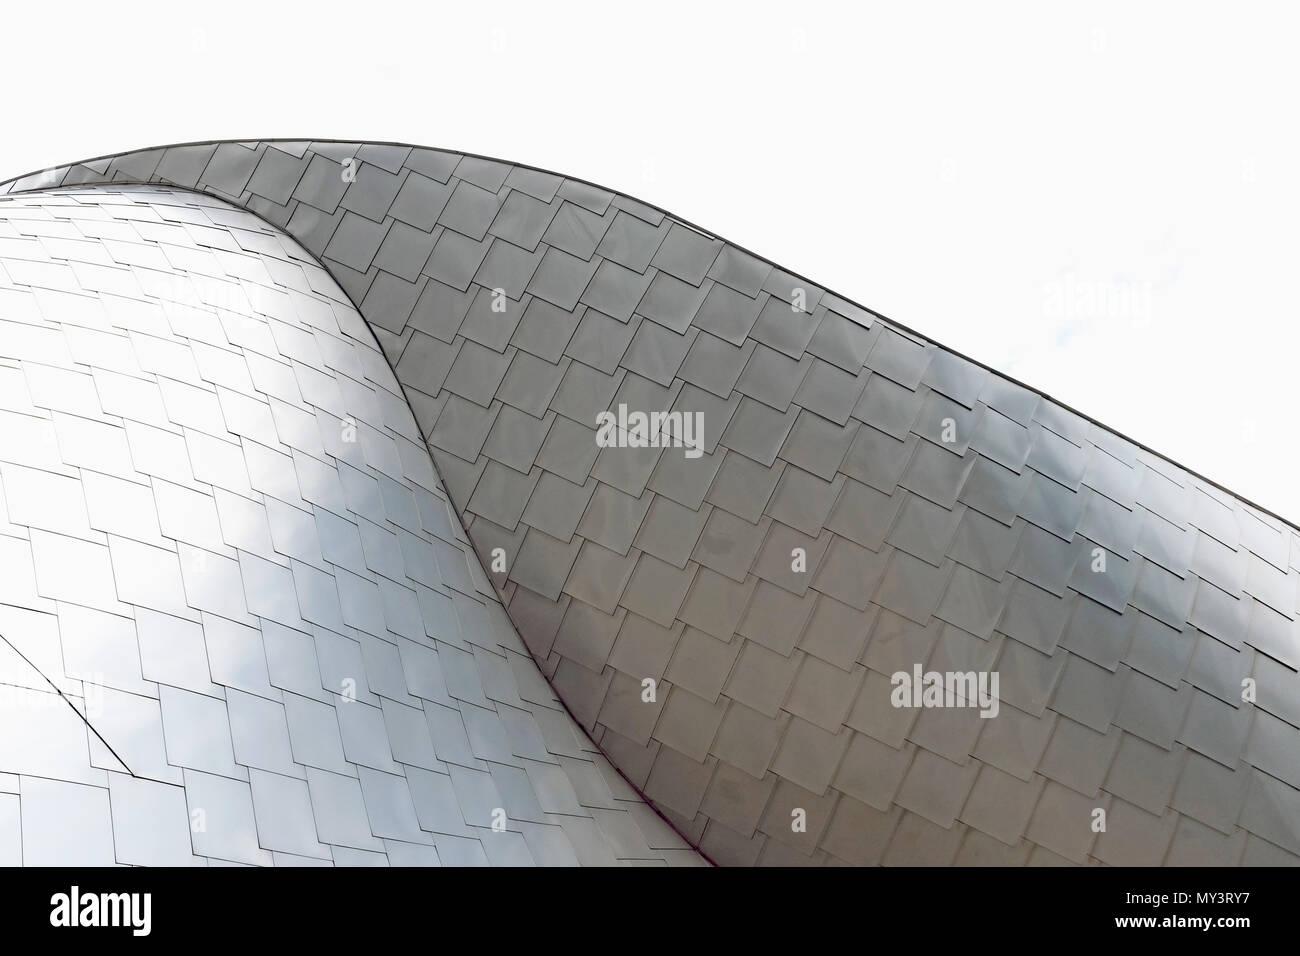 Una delle molte curve architettoniche di Frank Gehry progettato Peter B. Lew edificio sul Case Western Reserve Campus in Cleveland, Ohio, USA. Immagini Stock